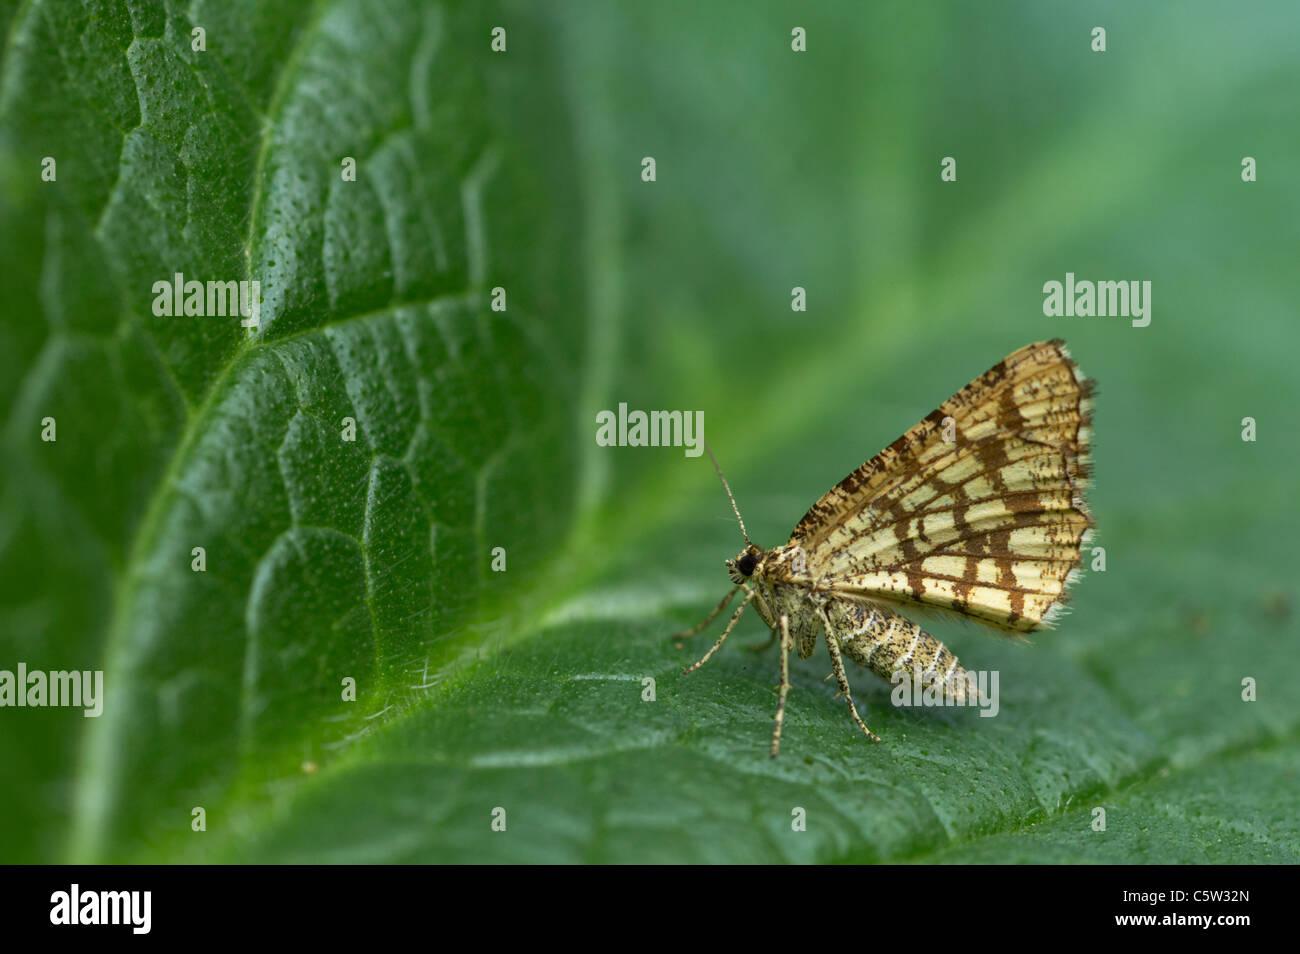 Latticed Heath Chiasmia clathrata clathrata Essex, UK IN000440 - Stock Image